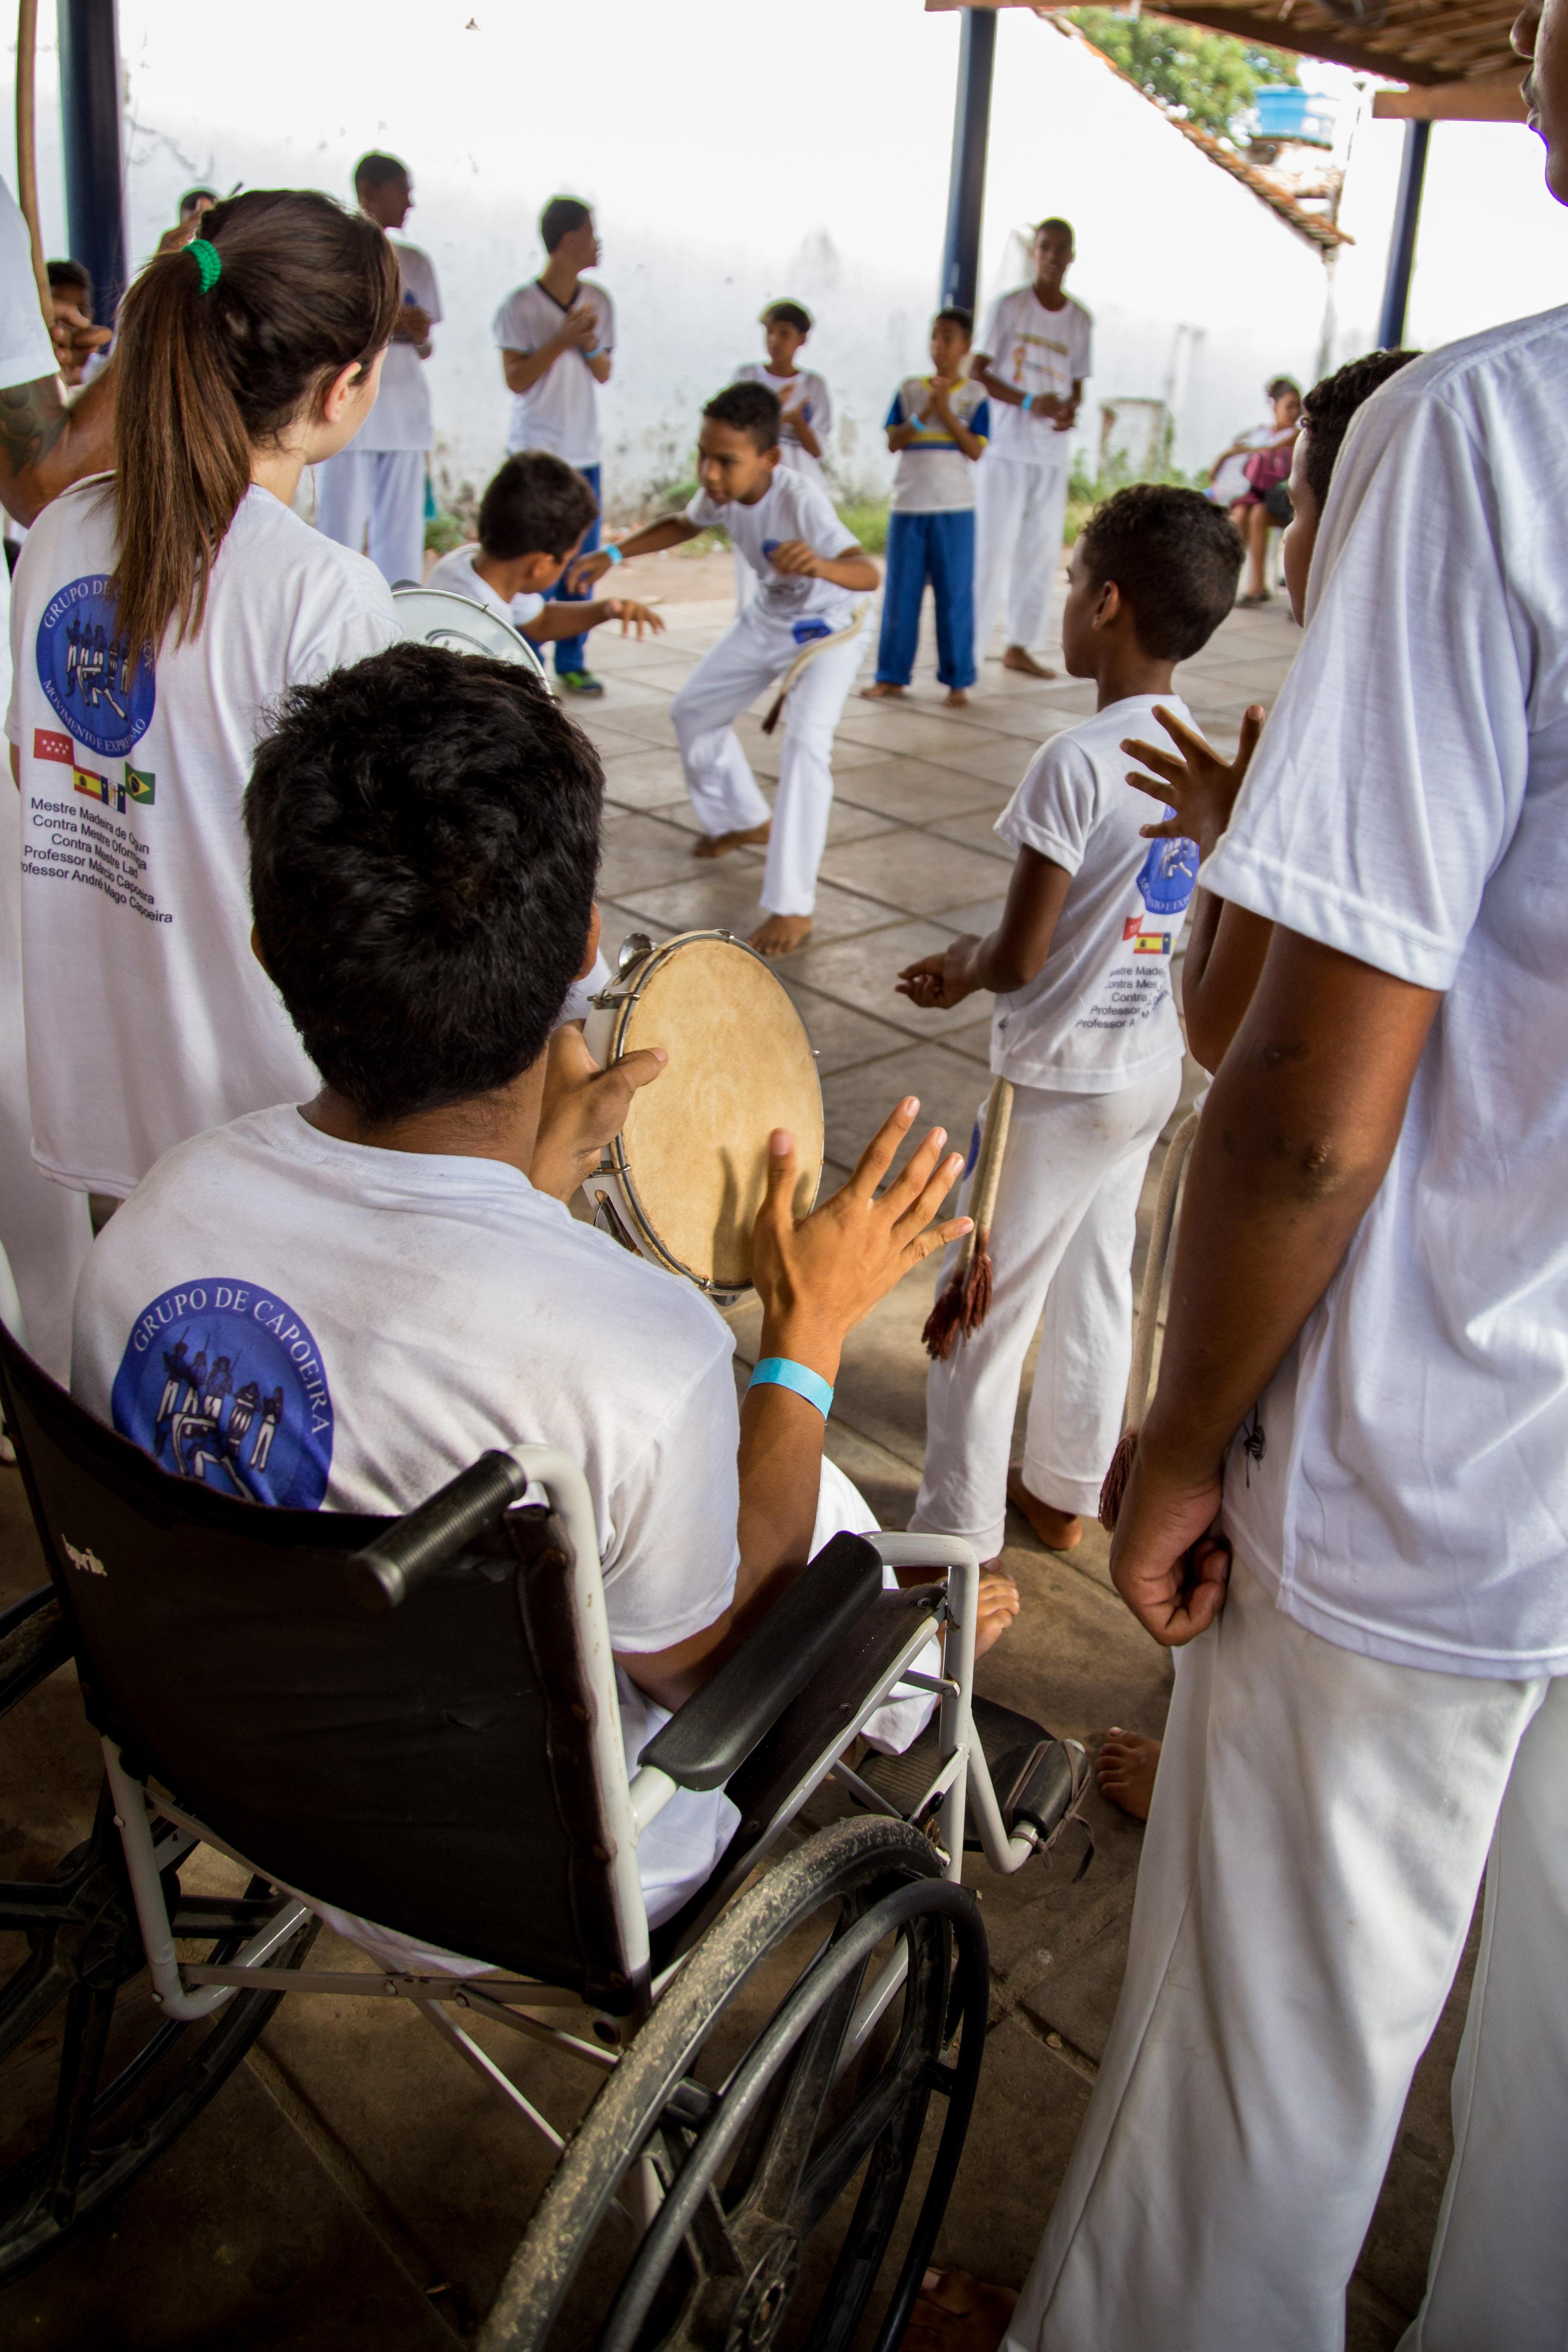 Um estudante com deficiência física está sentado em uma cadeira de rodas e é mostrado de perfil tocando um pandeiro. Ao seu redor, alunos jogam capoeira. Todos vestem roupas brancas.